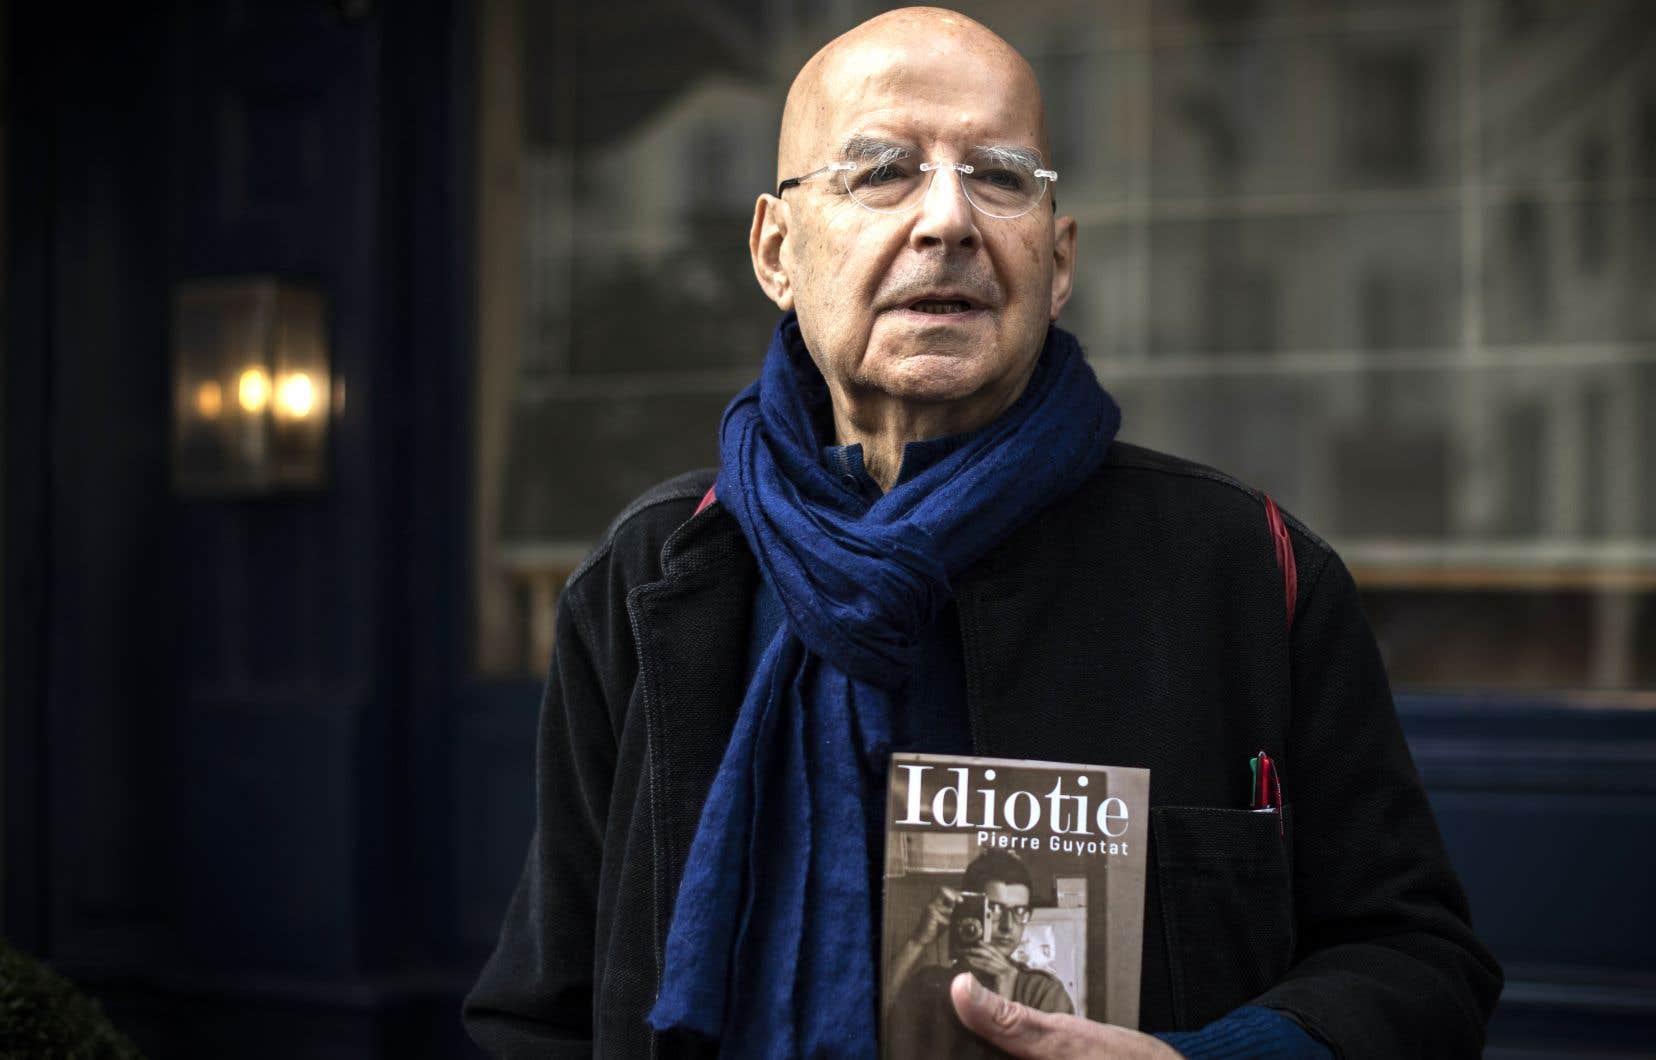 Le romancierde 78 ans vient de recevoir leprix spécial du jury du prix Femina pour l'ensemble de son œuvre.